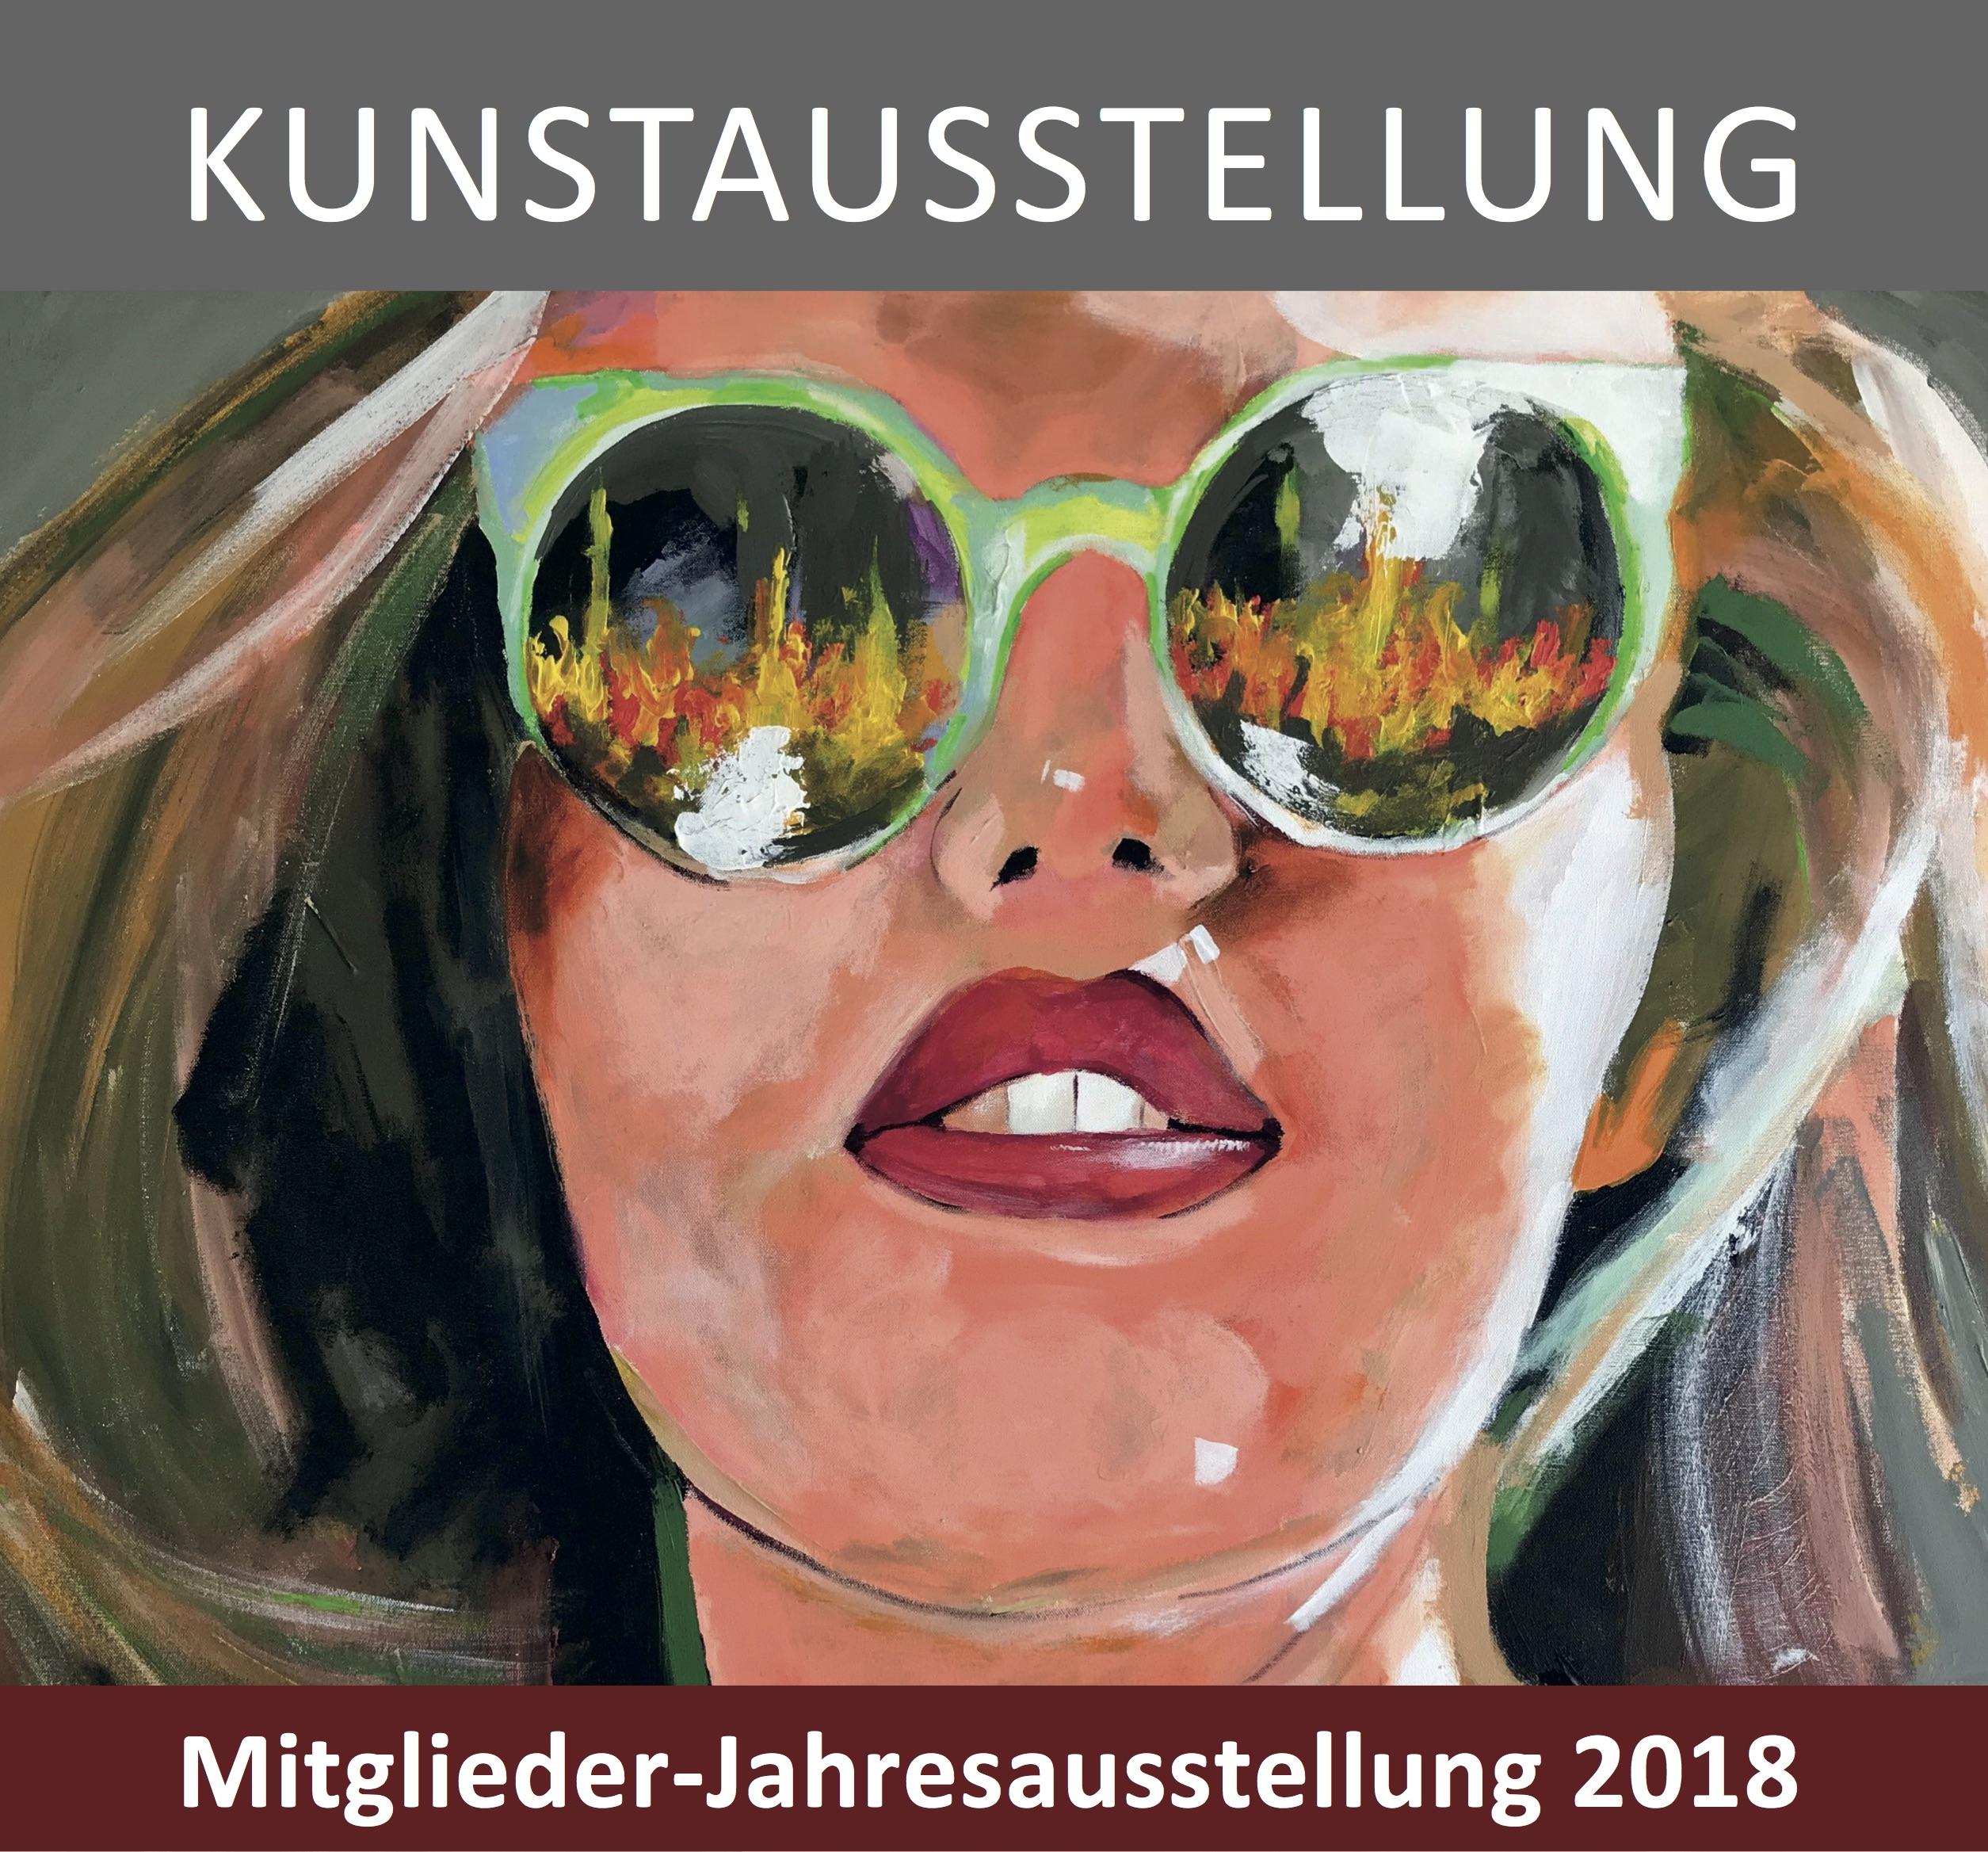 13. Dezember 2018: Vernissage zur Mitglieder-Jahresausstellung des Kunstvereins Deggendorf im Kapuzinerstadl. Die Ausstellung dauert bis zum 05. Januar 2019.